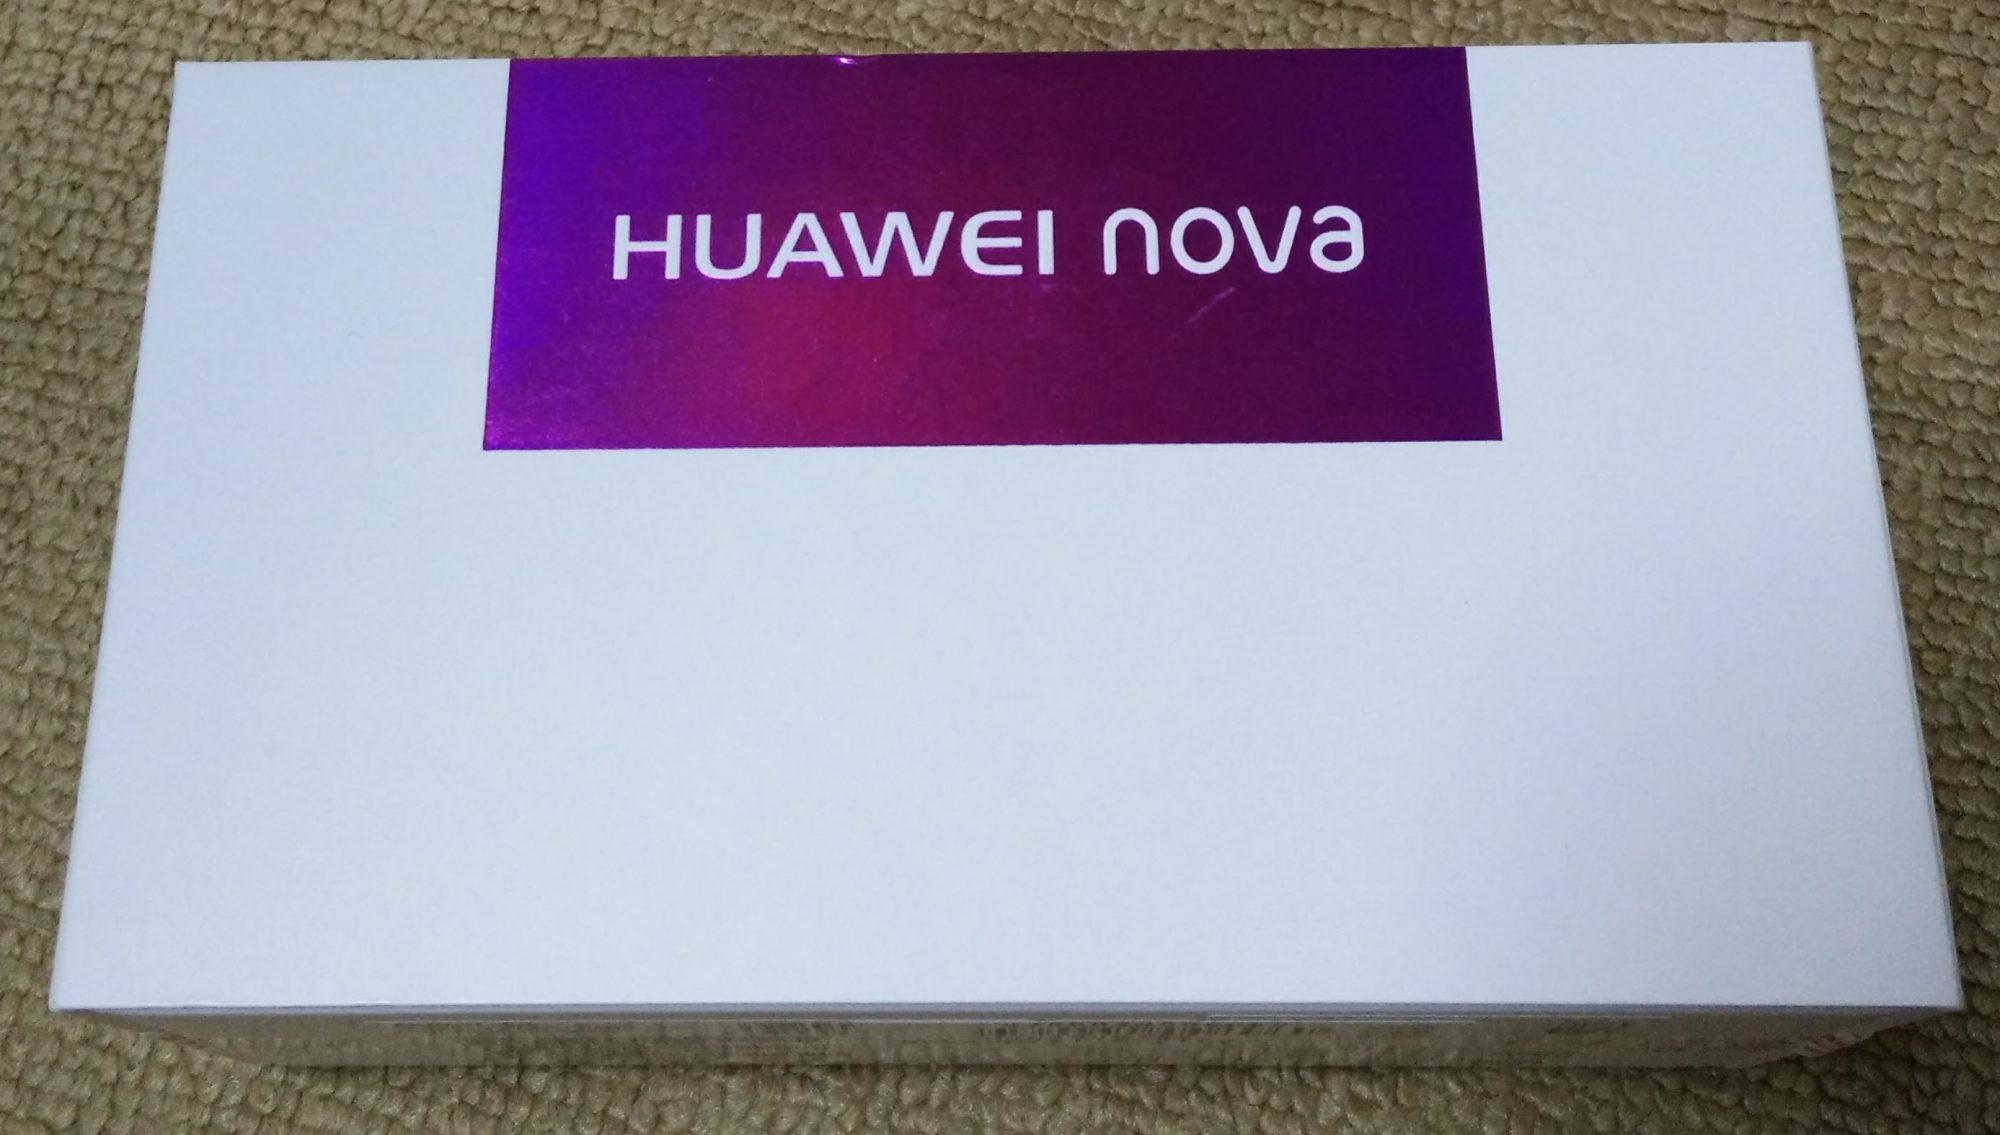 格安中華スマホの「HUAWEI nova」を購入したので、軽くレビュー